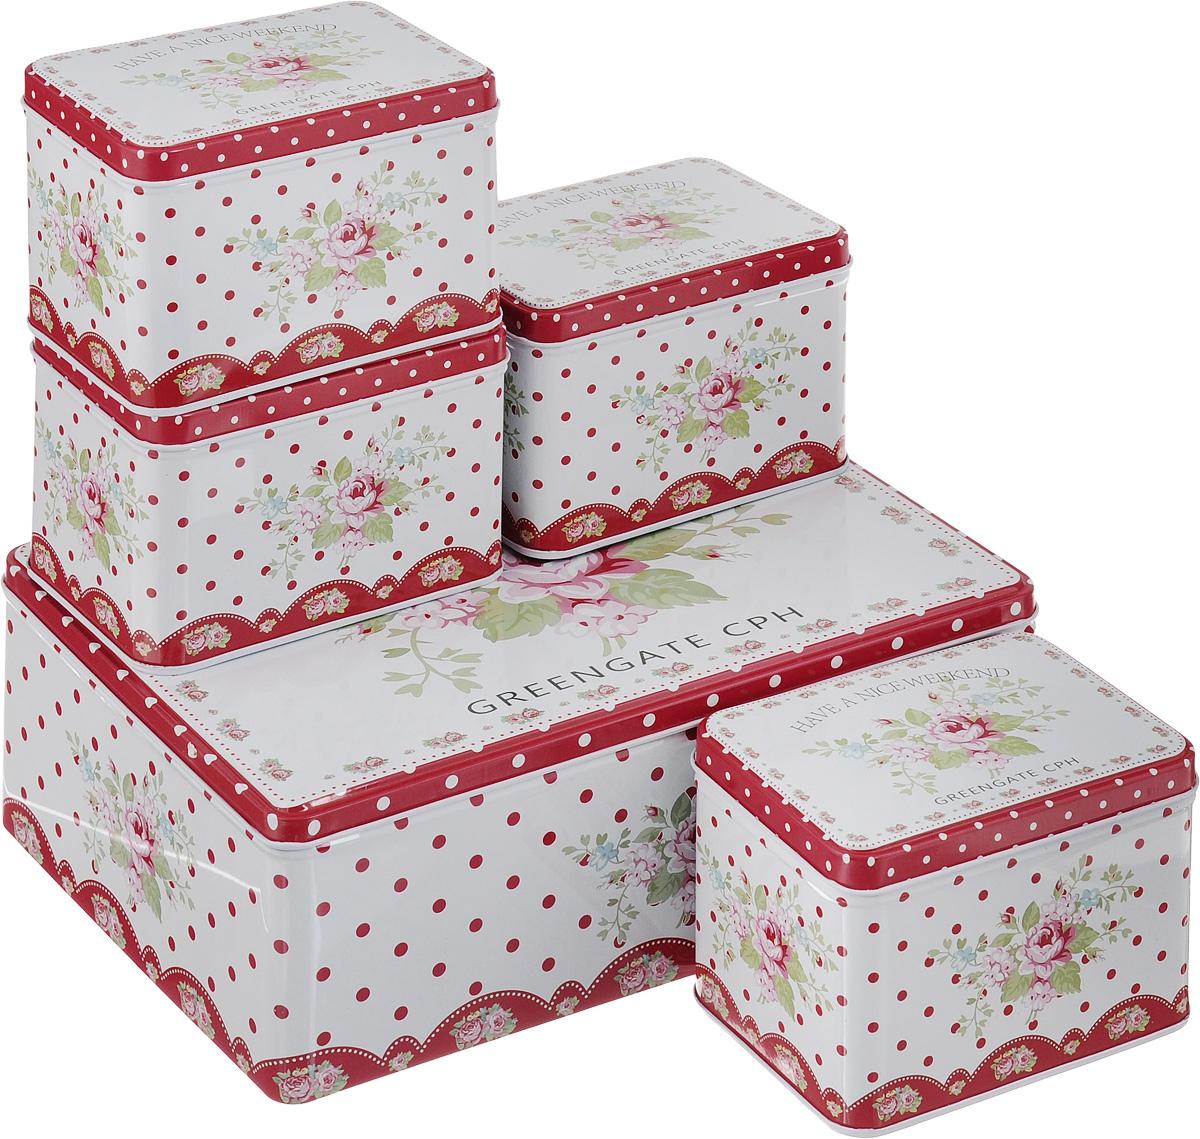 Набор банок для сыпучих продуктов Patricia Букет, 5 штIM99-4309Набор Patricia Букет состоит из пяти банок для сыпучих продуктов, выполненных из металла. Изделия, декорированные ярким рисунком, имеют прямоугольную форму и оснащены крышками. Такие банки прекрасно подходят для хранения сахара, соли, круп, конфет, орехов, печенья и других сыпучих продуктов. Размер малой банки (по верхнему краю): 12 х 8,5 х 8,5 см. Размер большой банки (по верхнему краю): 26 х 18,5 х 8,5 см.